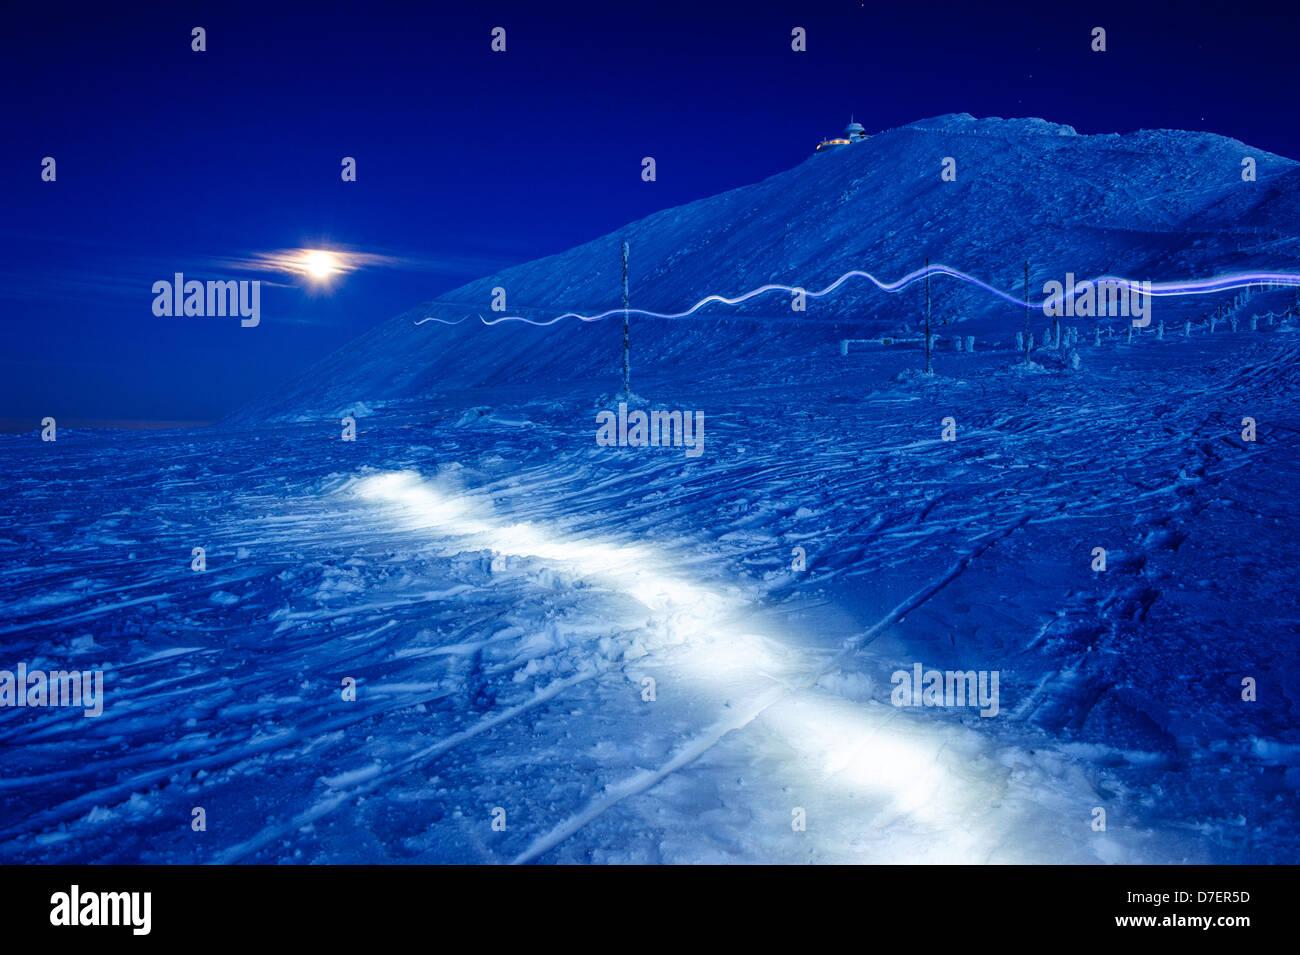 Peinture de lumière dans un paysage d'hiver à la neige des montagnes Karkonosze, Pologne. Banque D'Images